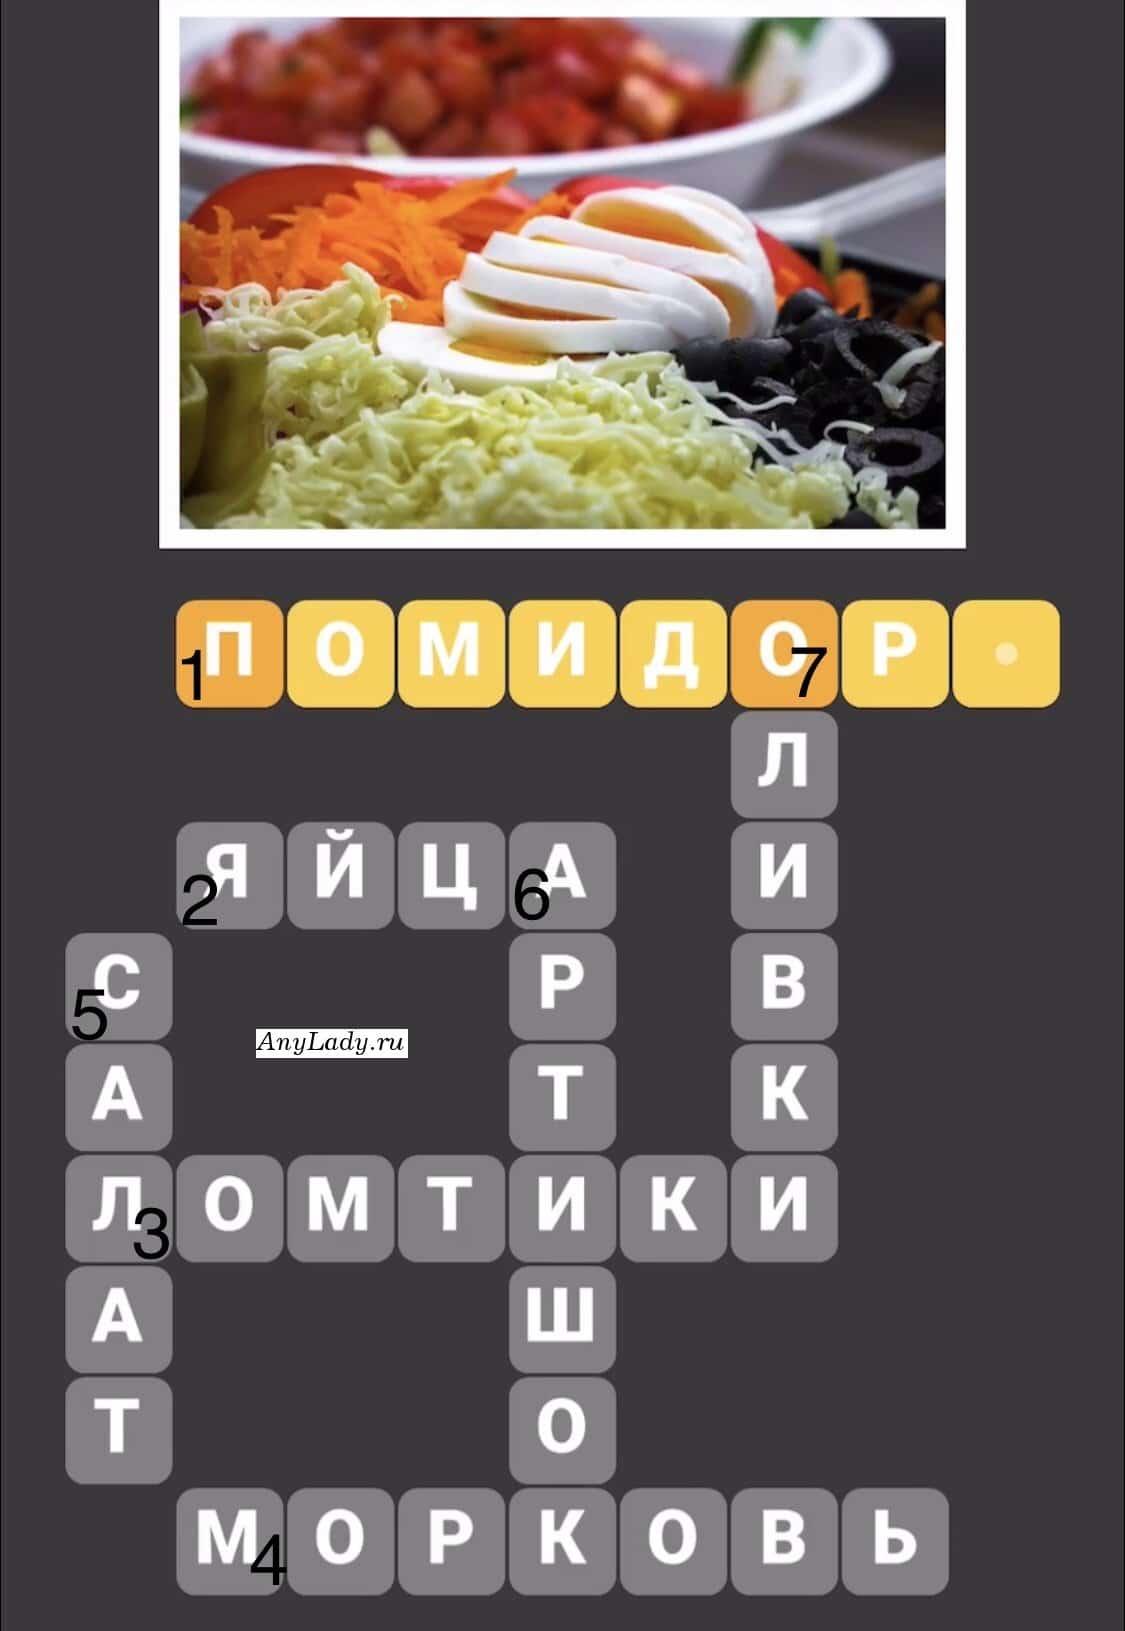 По горизонтали:  1. Помидоры  2. Яйца  3. Ломтики  4. Морковь По вертикали:  5. Салат  6. Артишок  7. Оливки